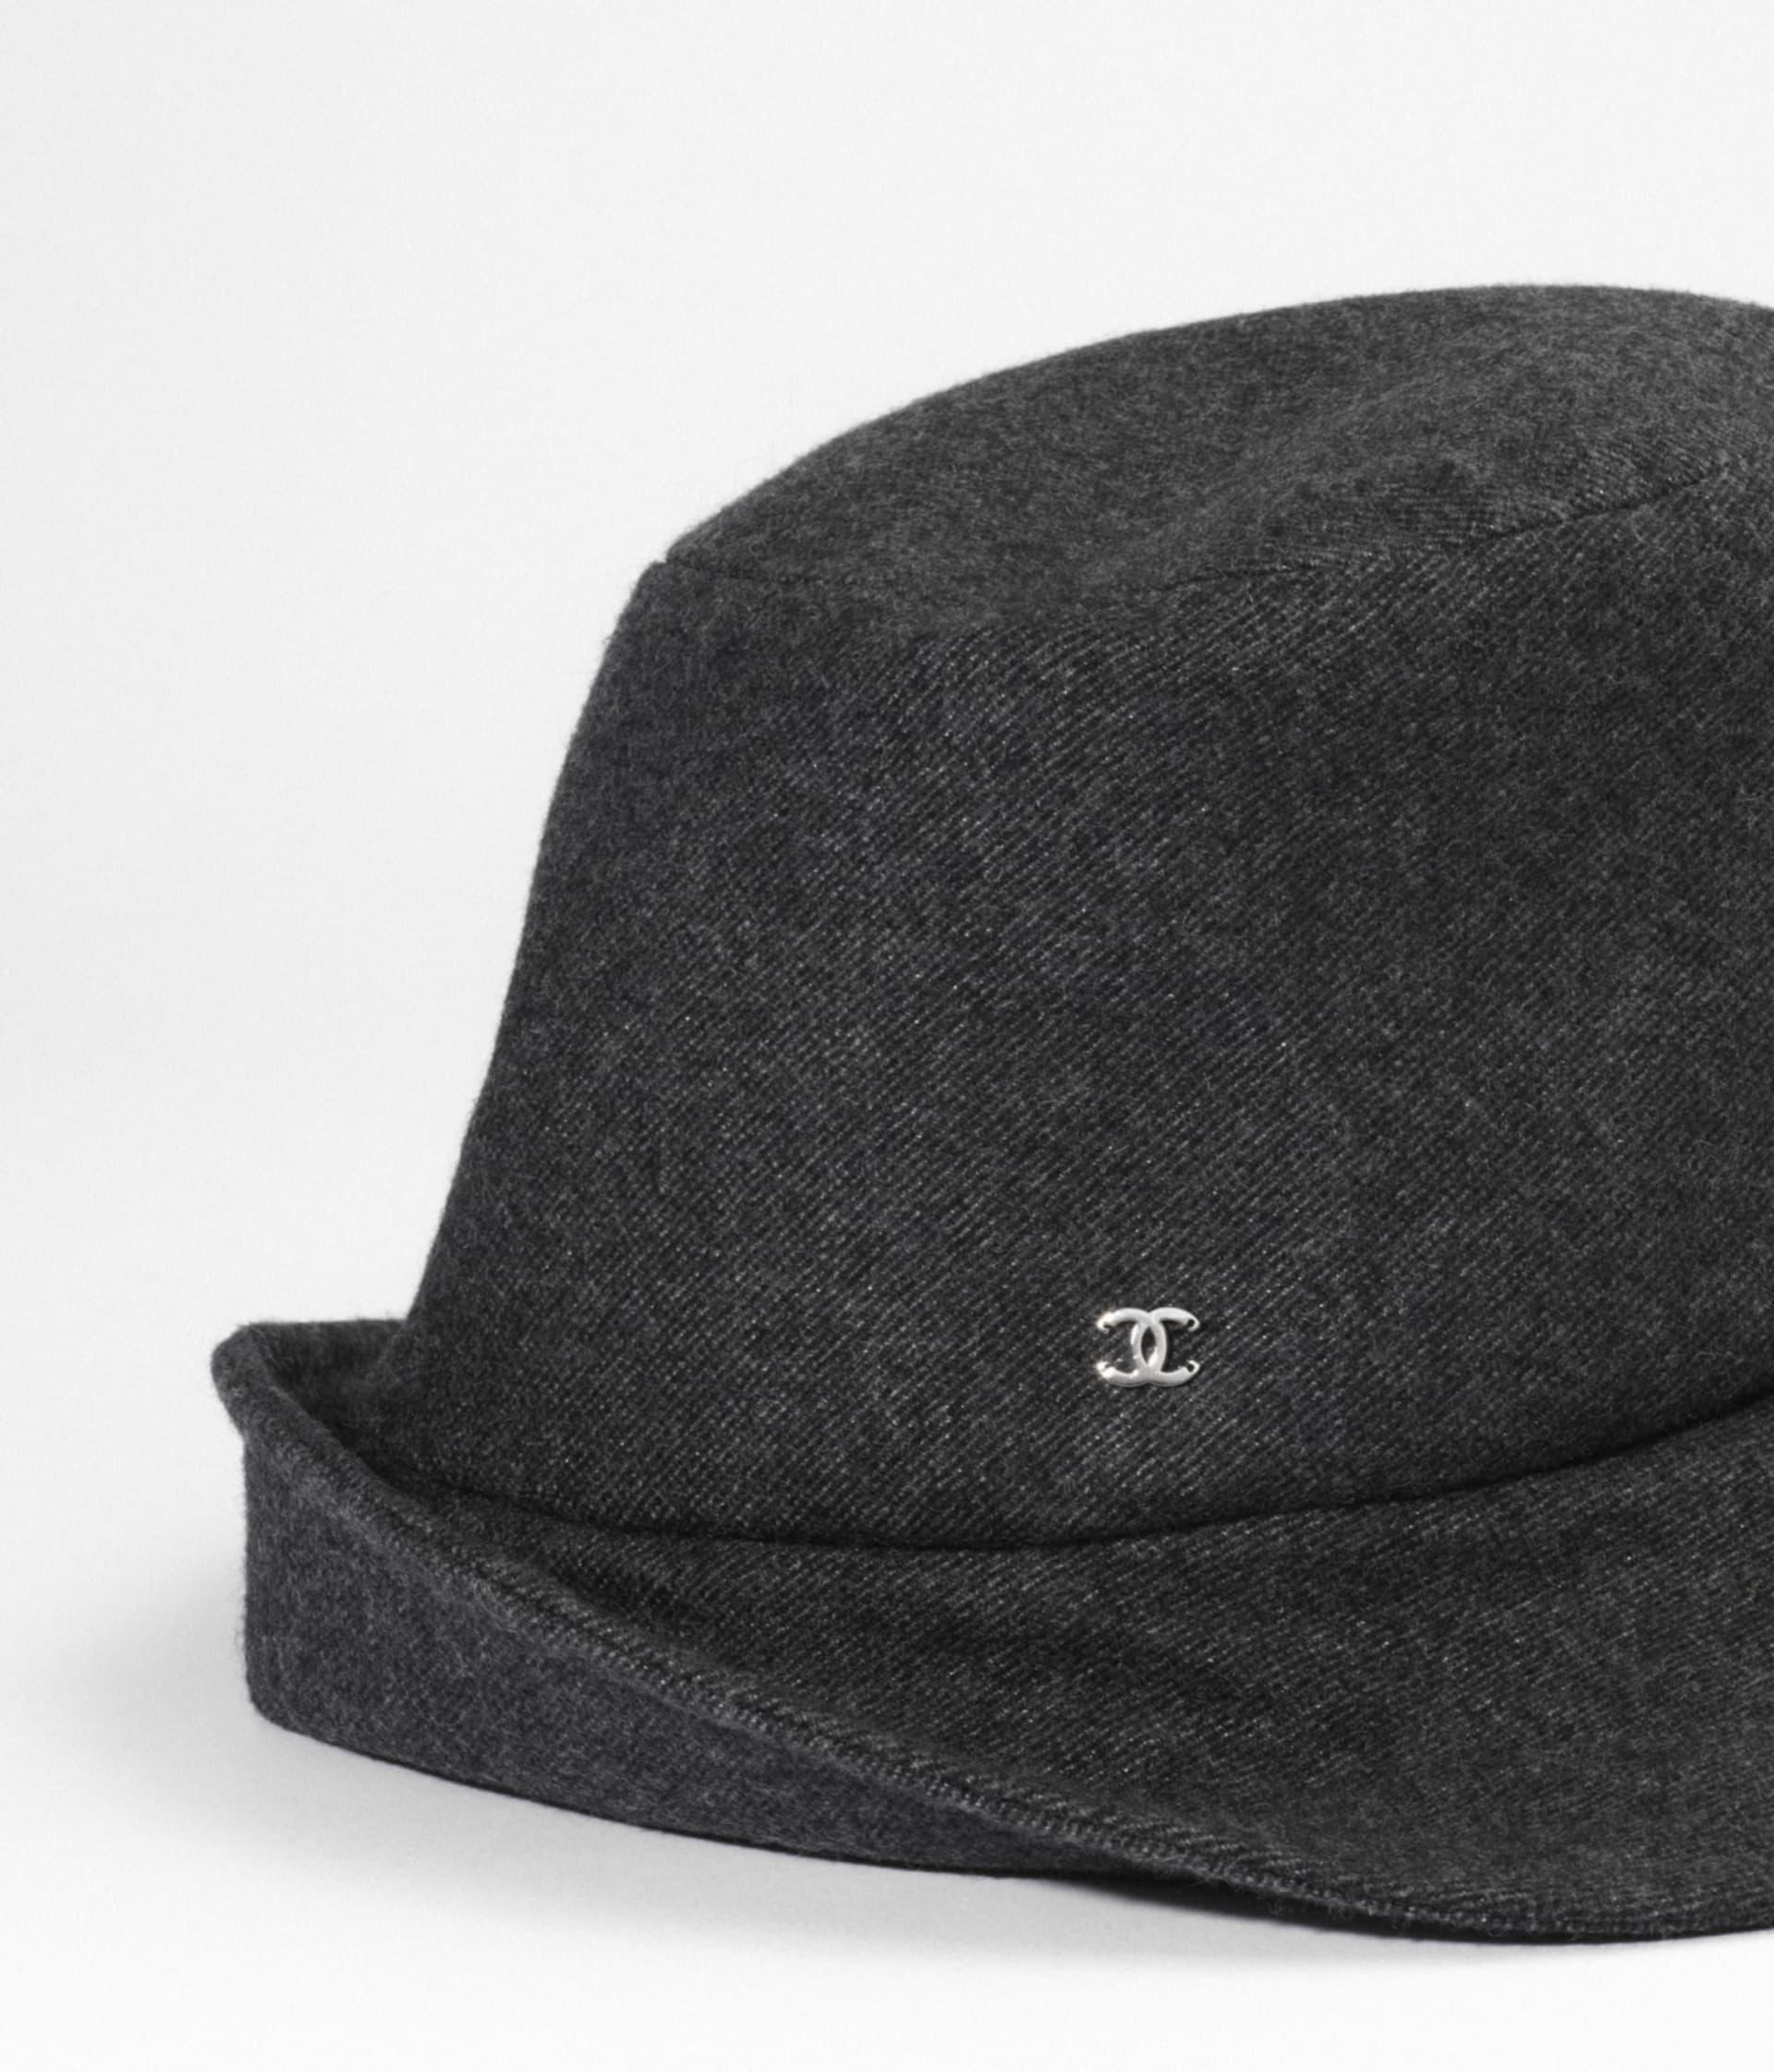 image 2 - Cloche Hat - Tweed - Gray, Black & Silver